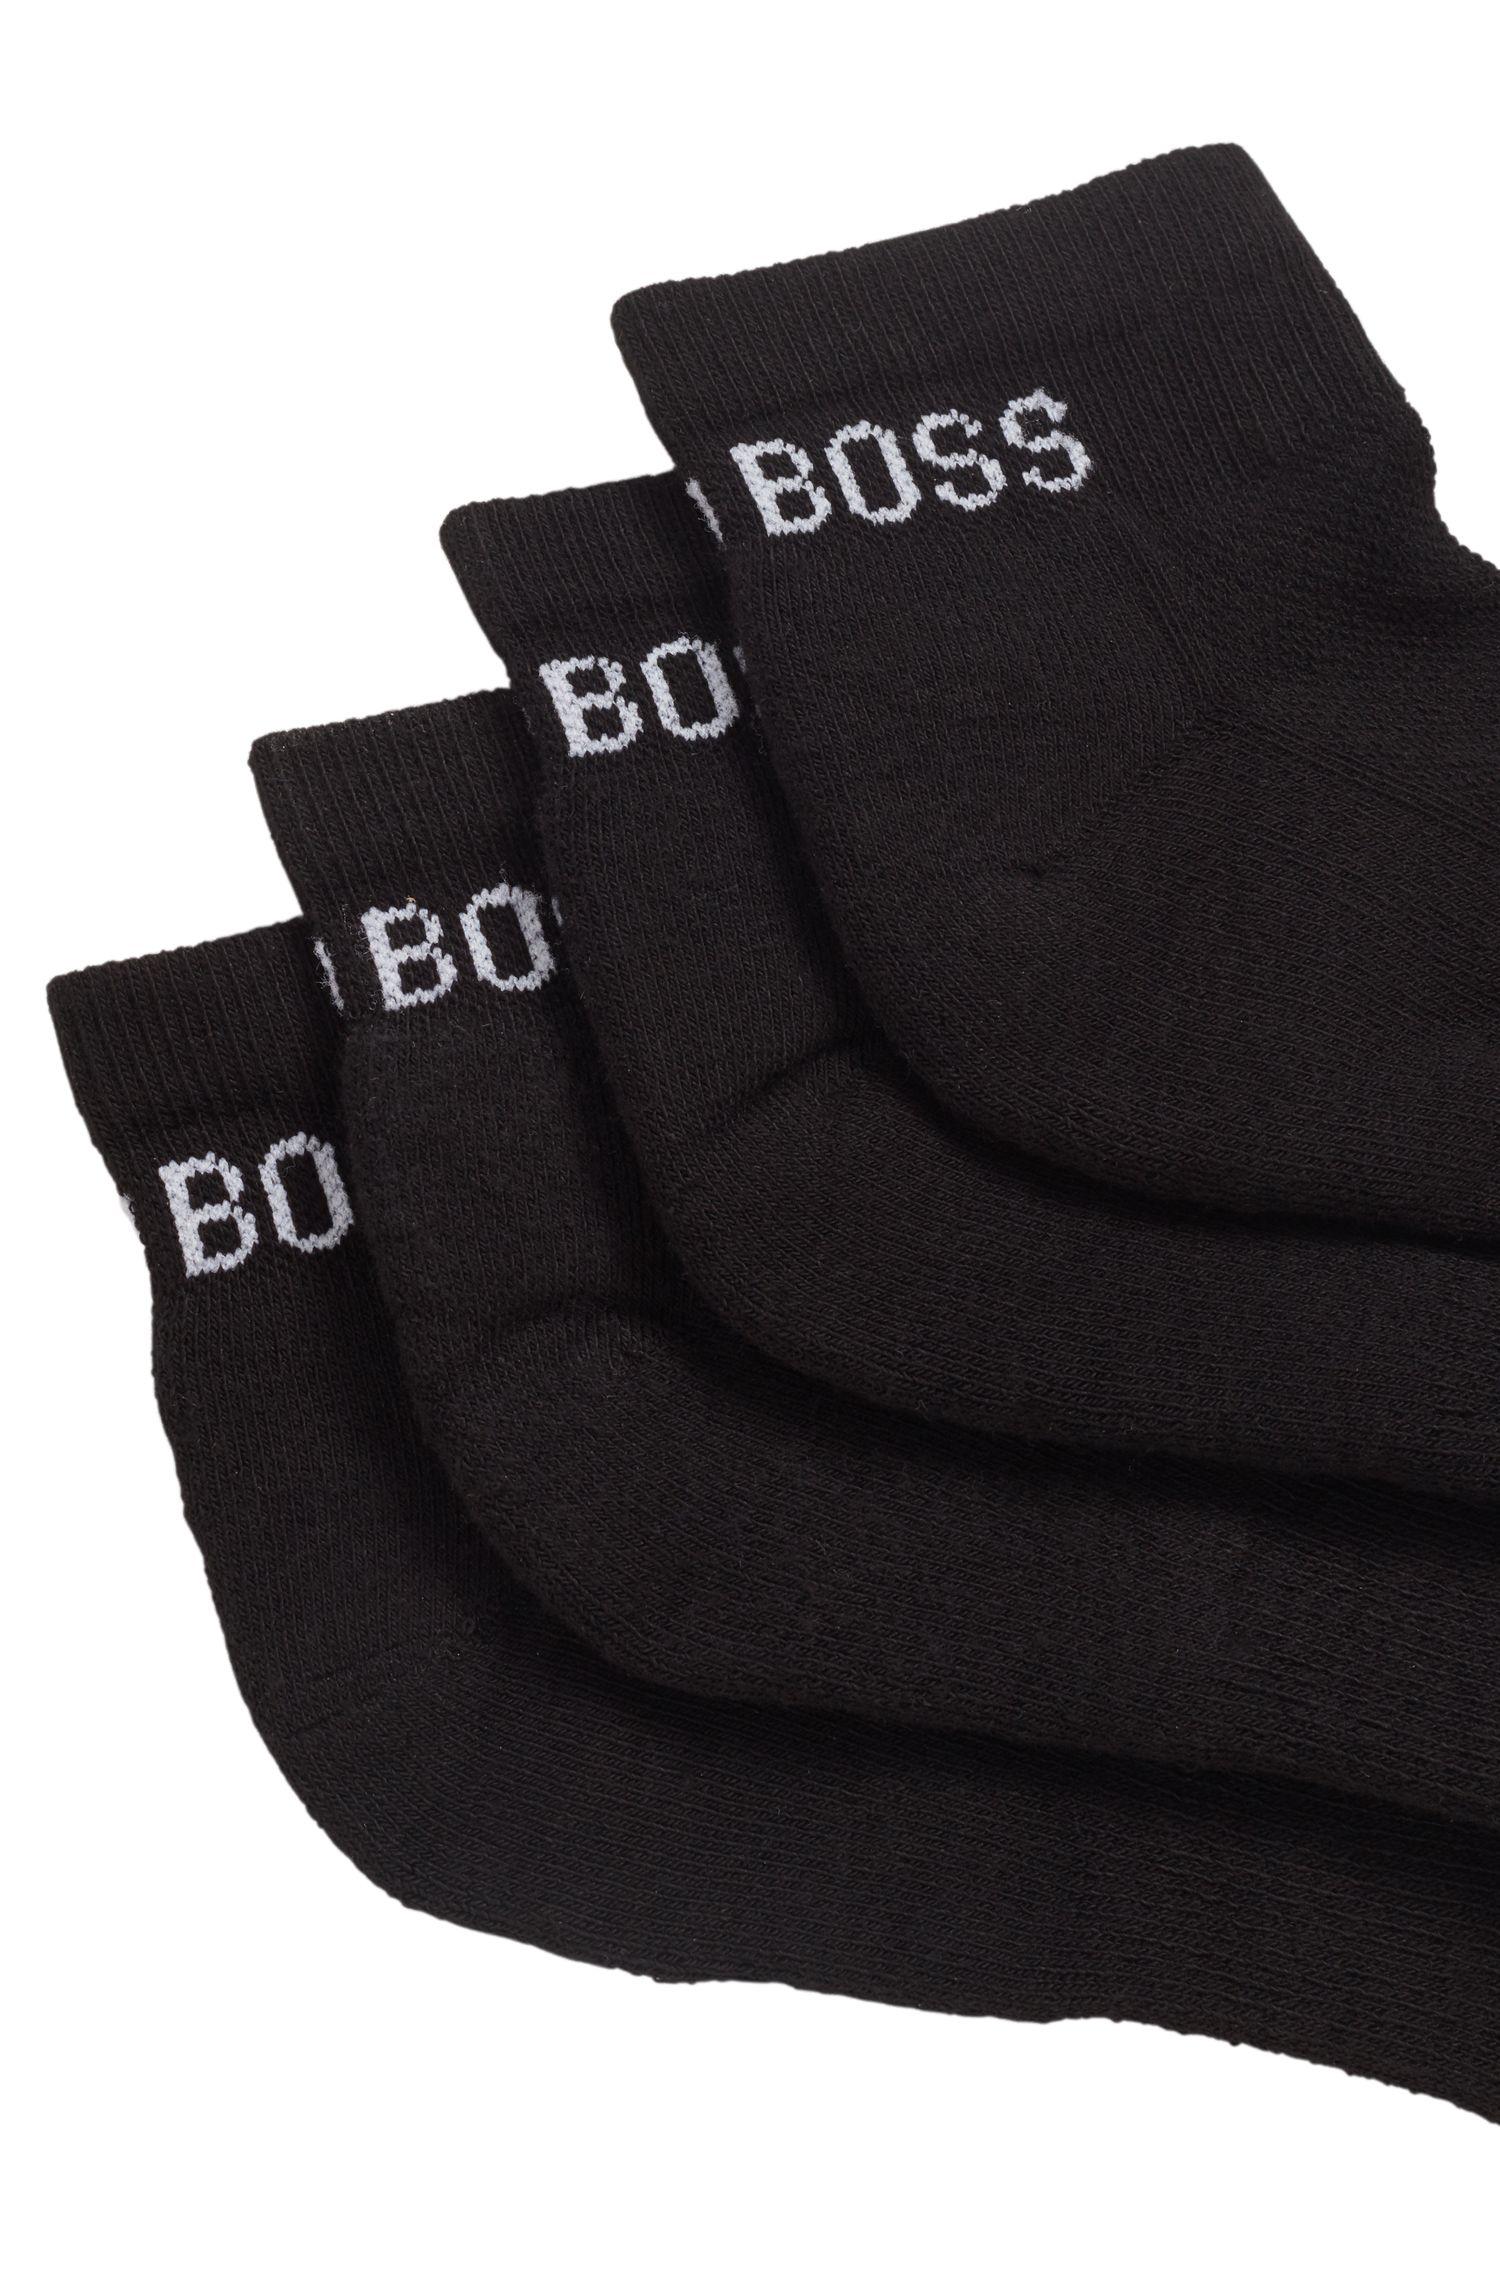 Zweier-Pack gepolsterte Sneakers-Socken aus elastischem Baumwoll-Mix, Schwarz